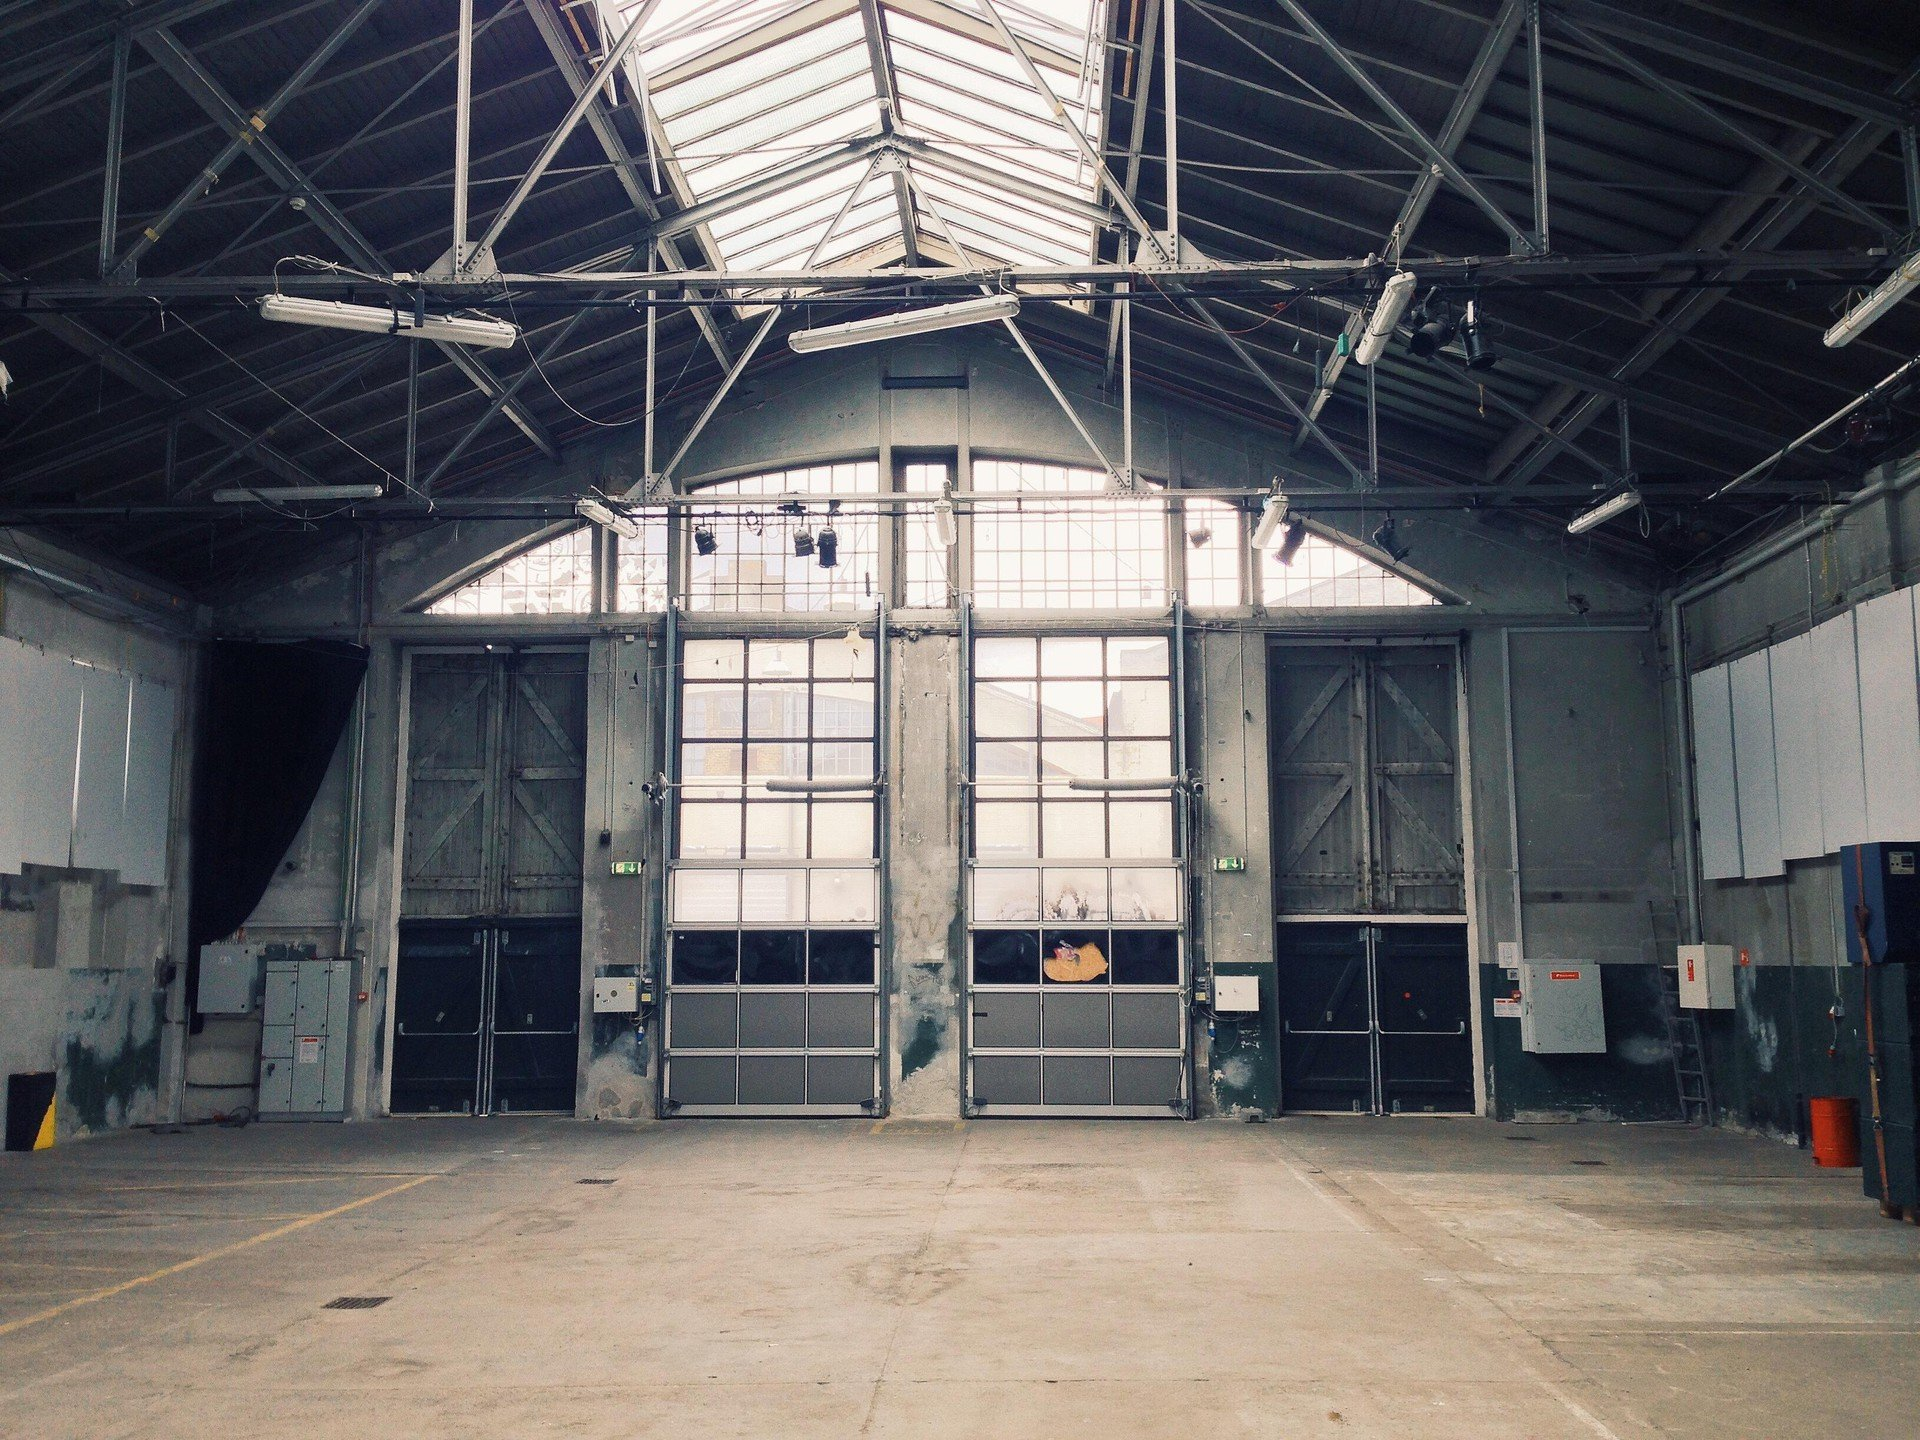 Kopenhagen corporate event venues Industriegebäude KPH Volume image 3